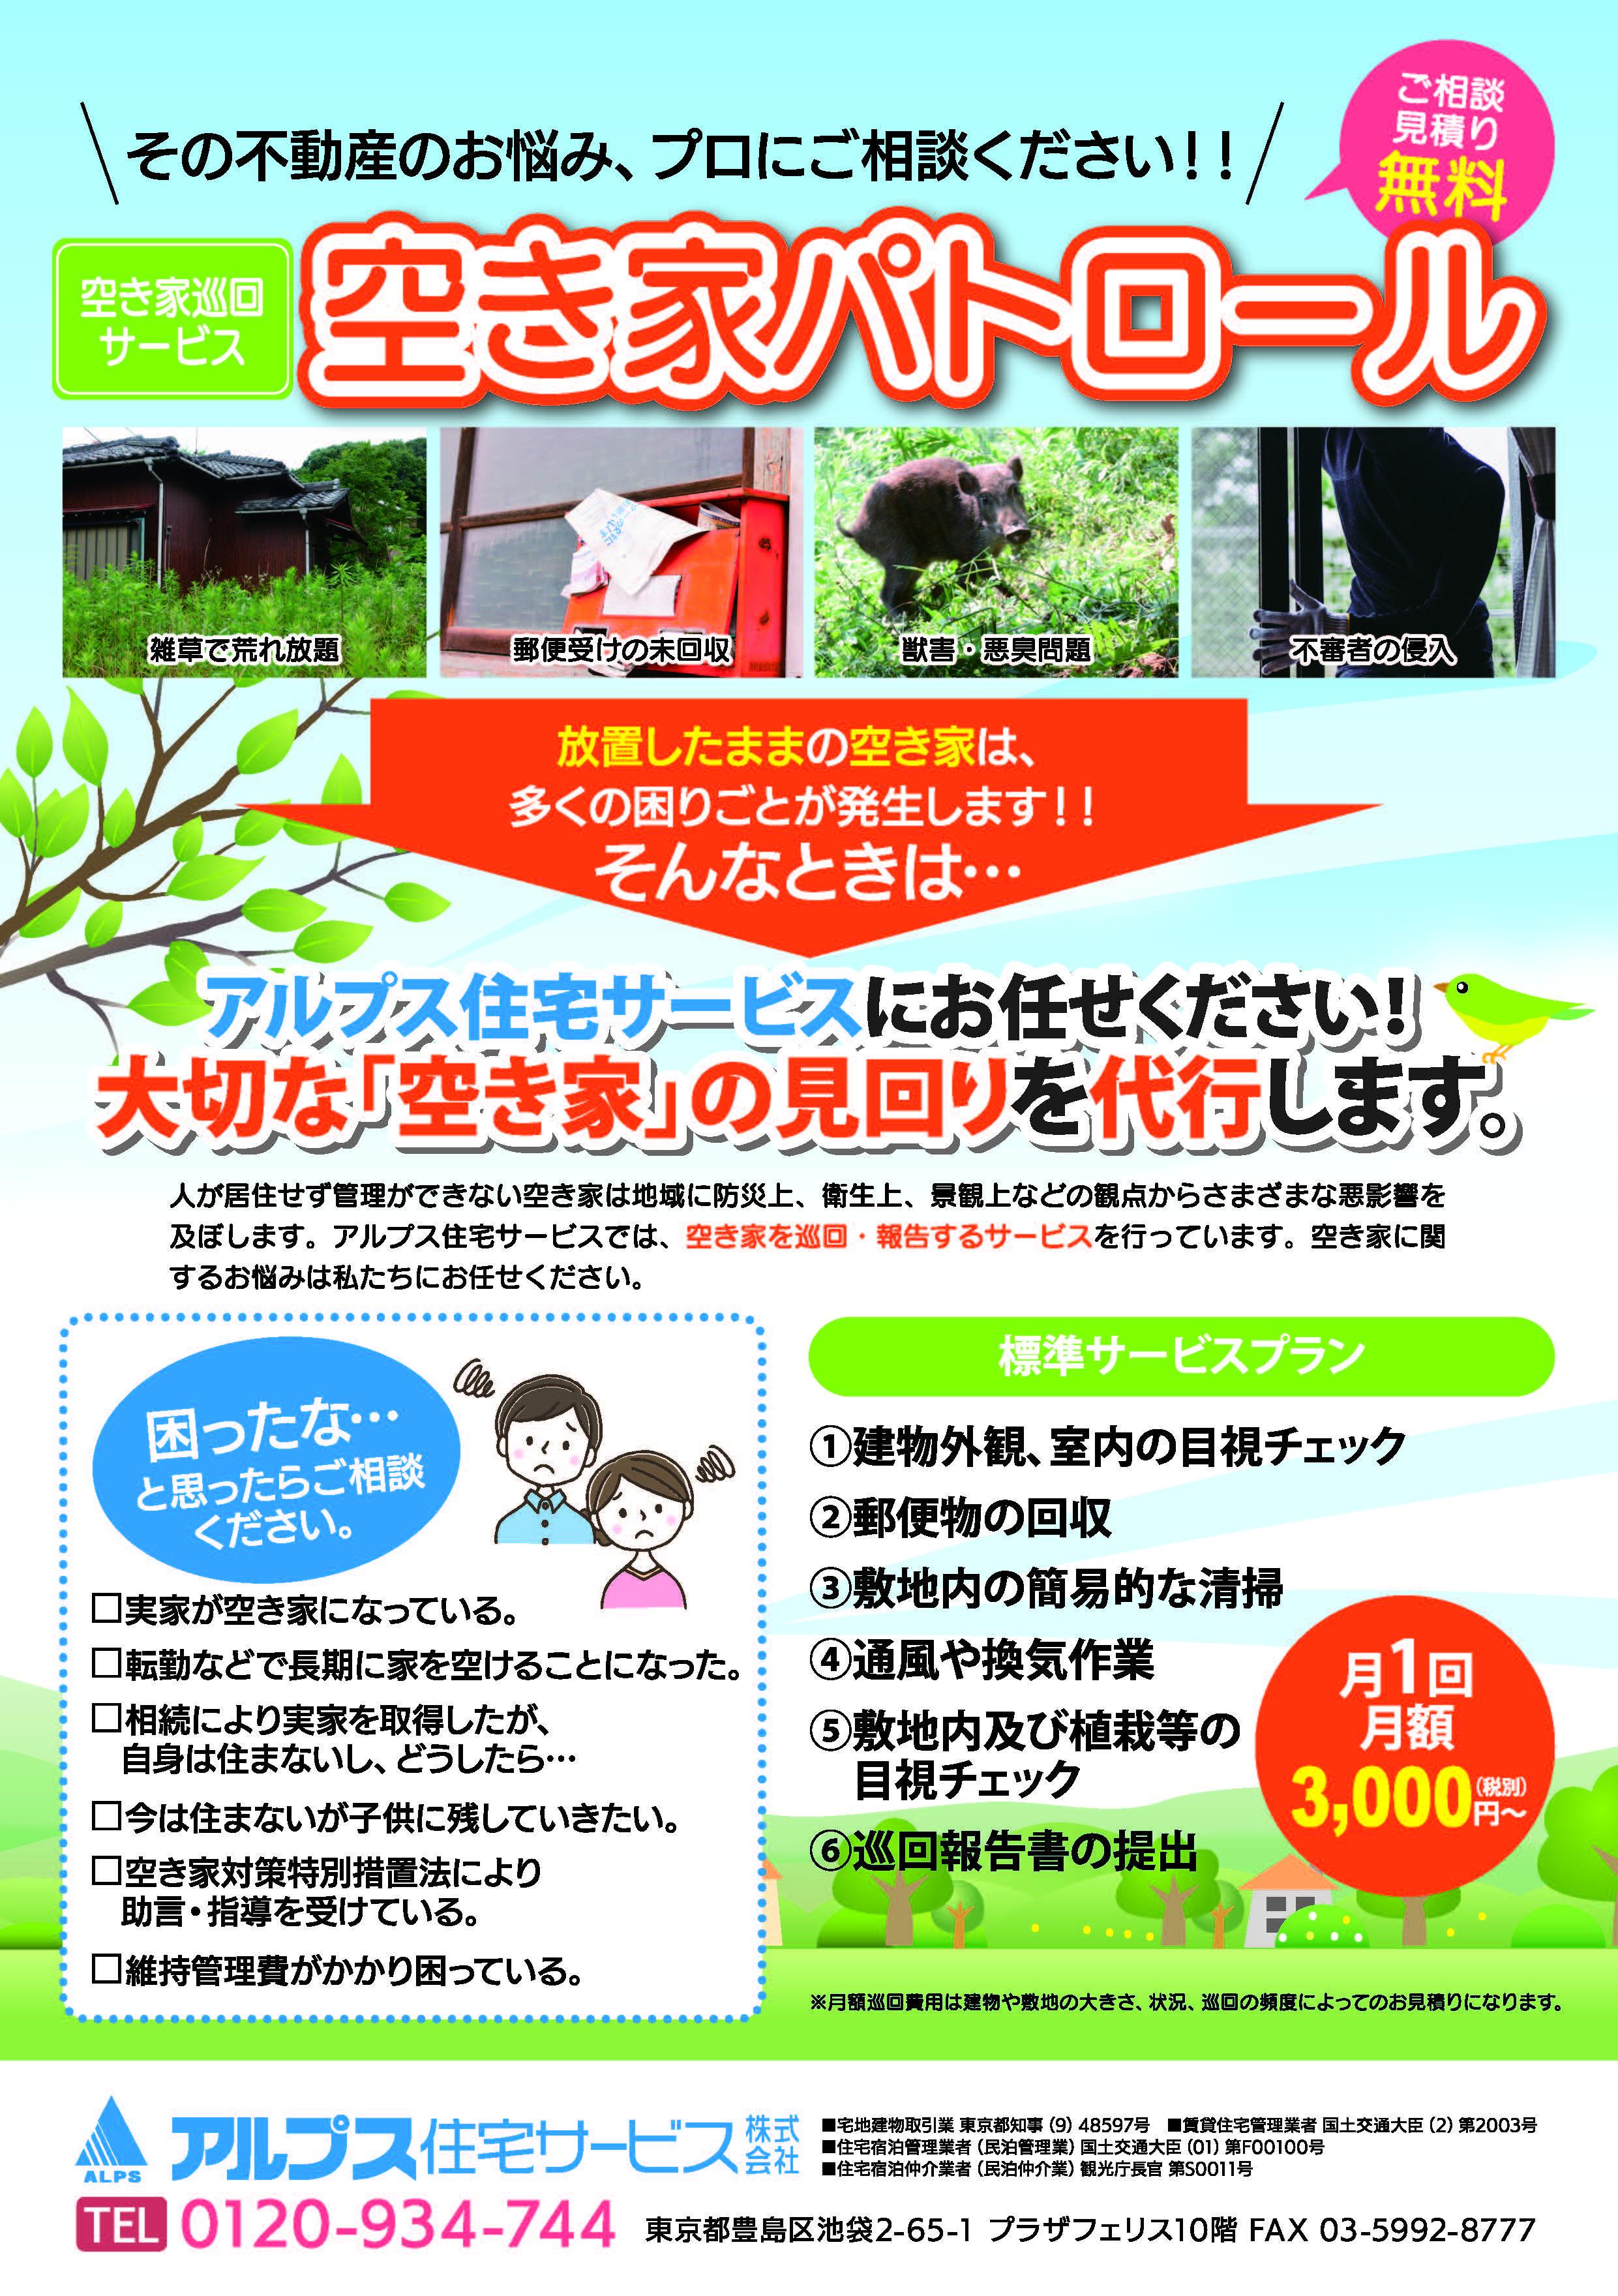 東京・池袋 気軽に民泊を運営したいなら(4)